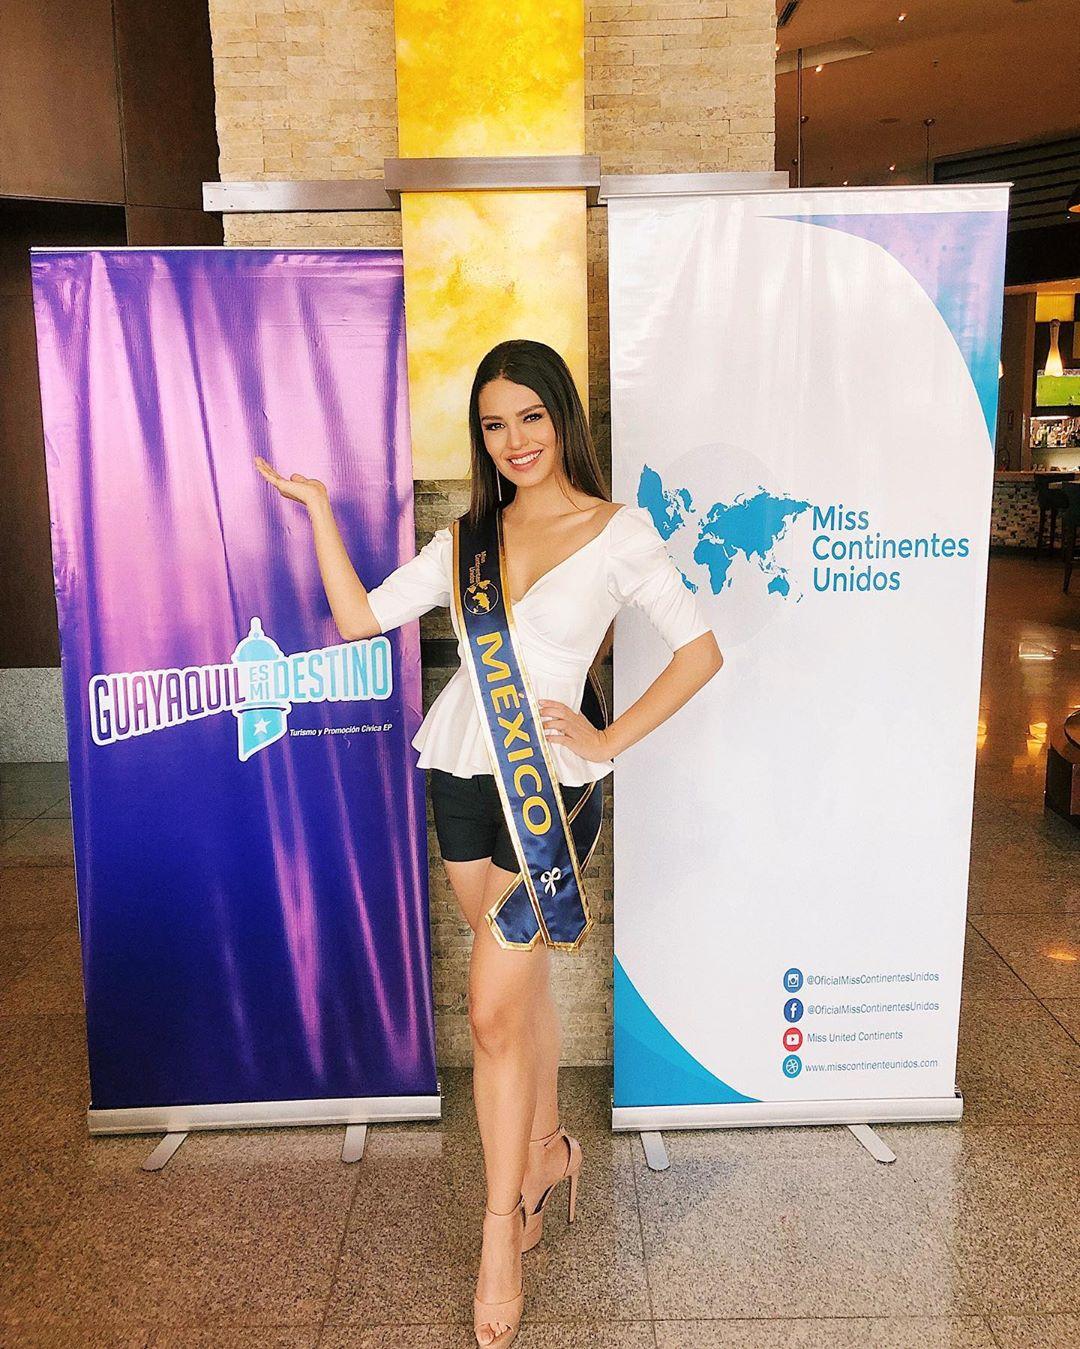 kenia ponce, segunda finalista de miss continentes unidos 2019. - Página 3 68961310